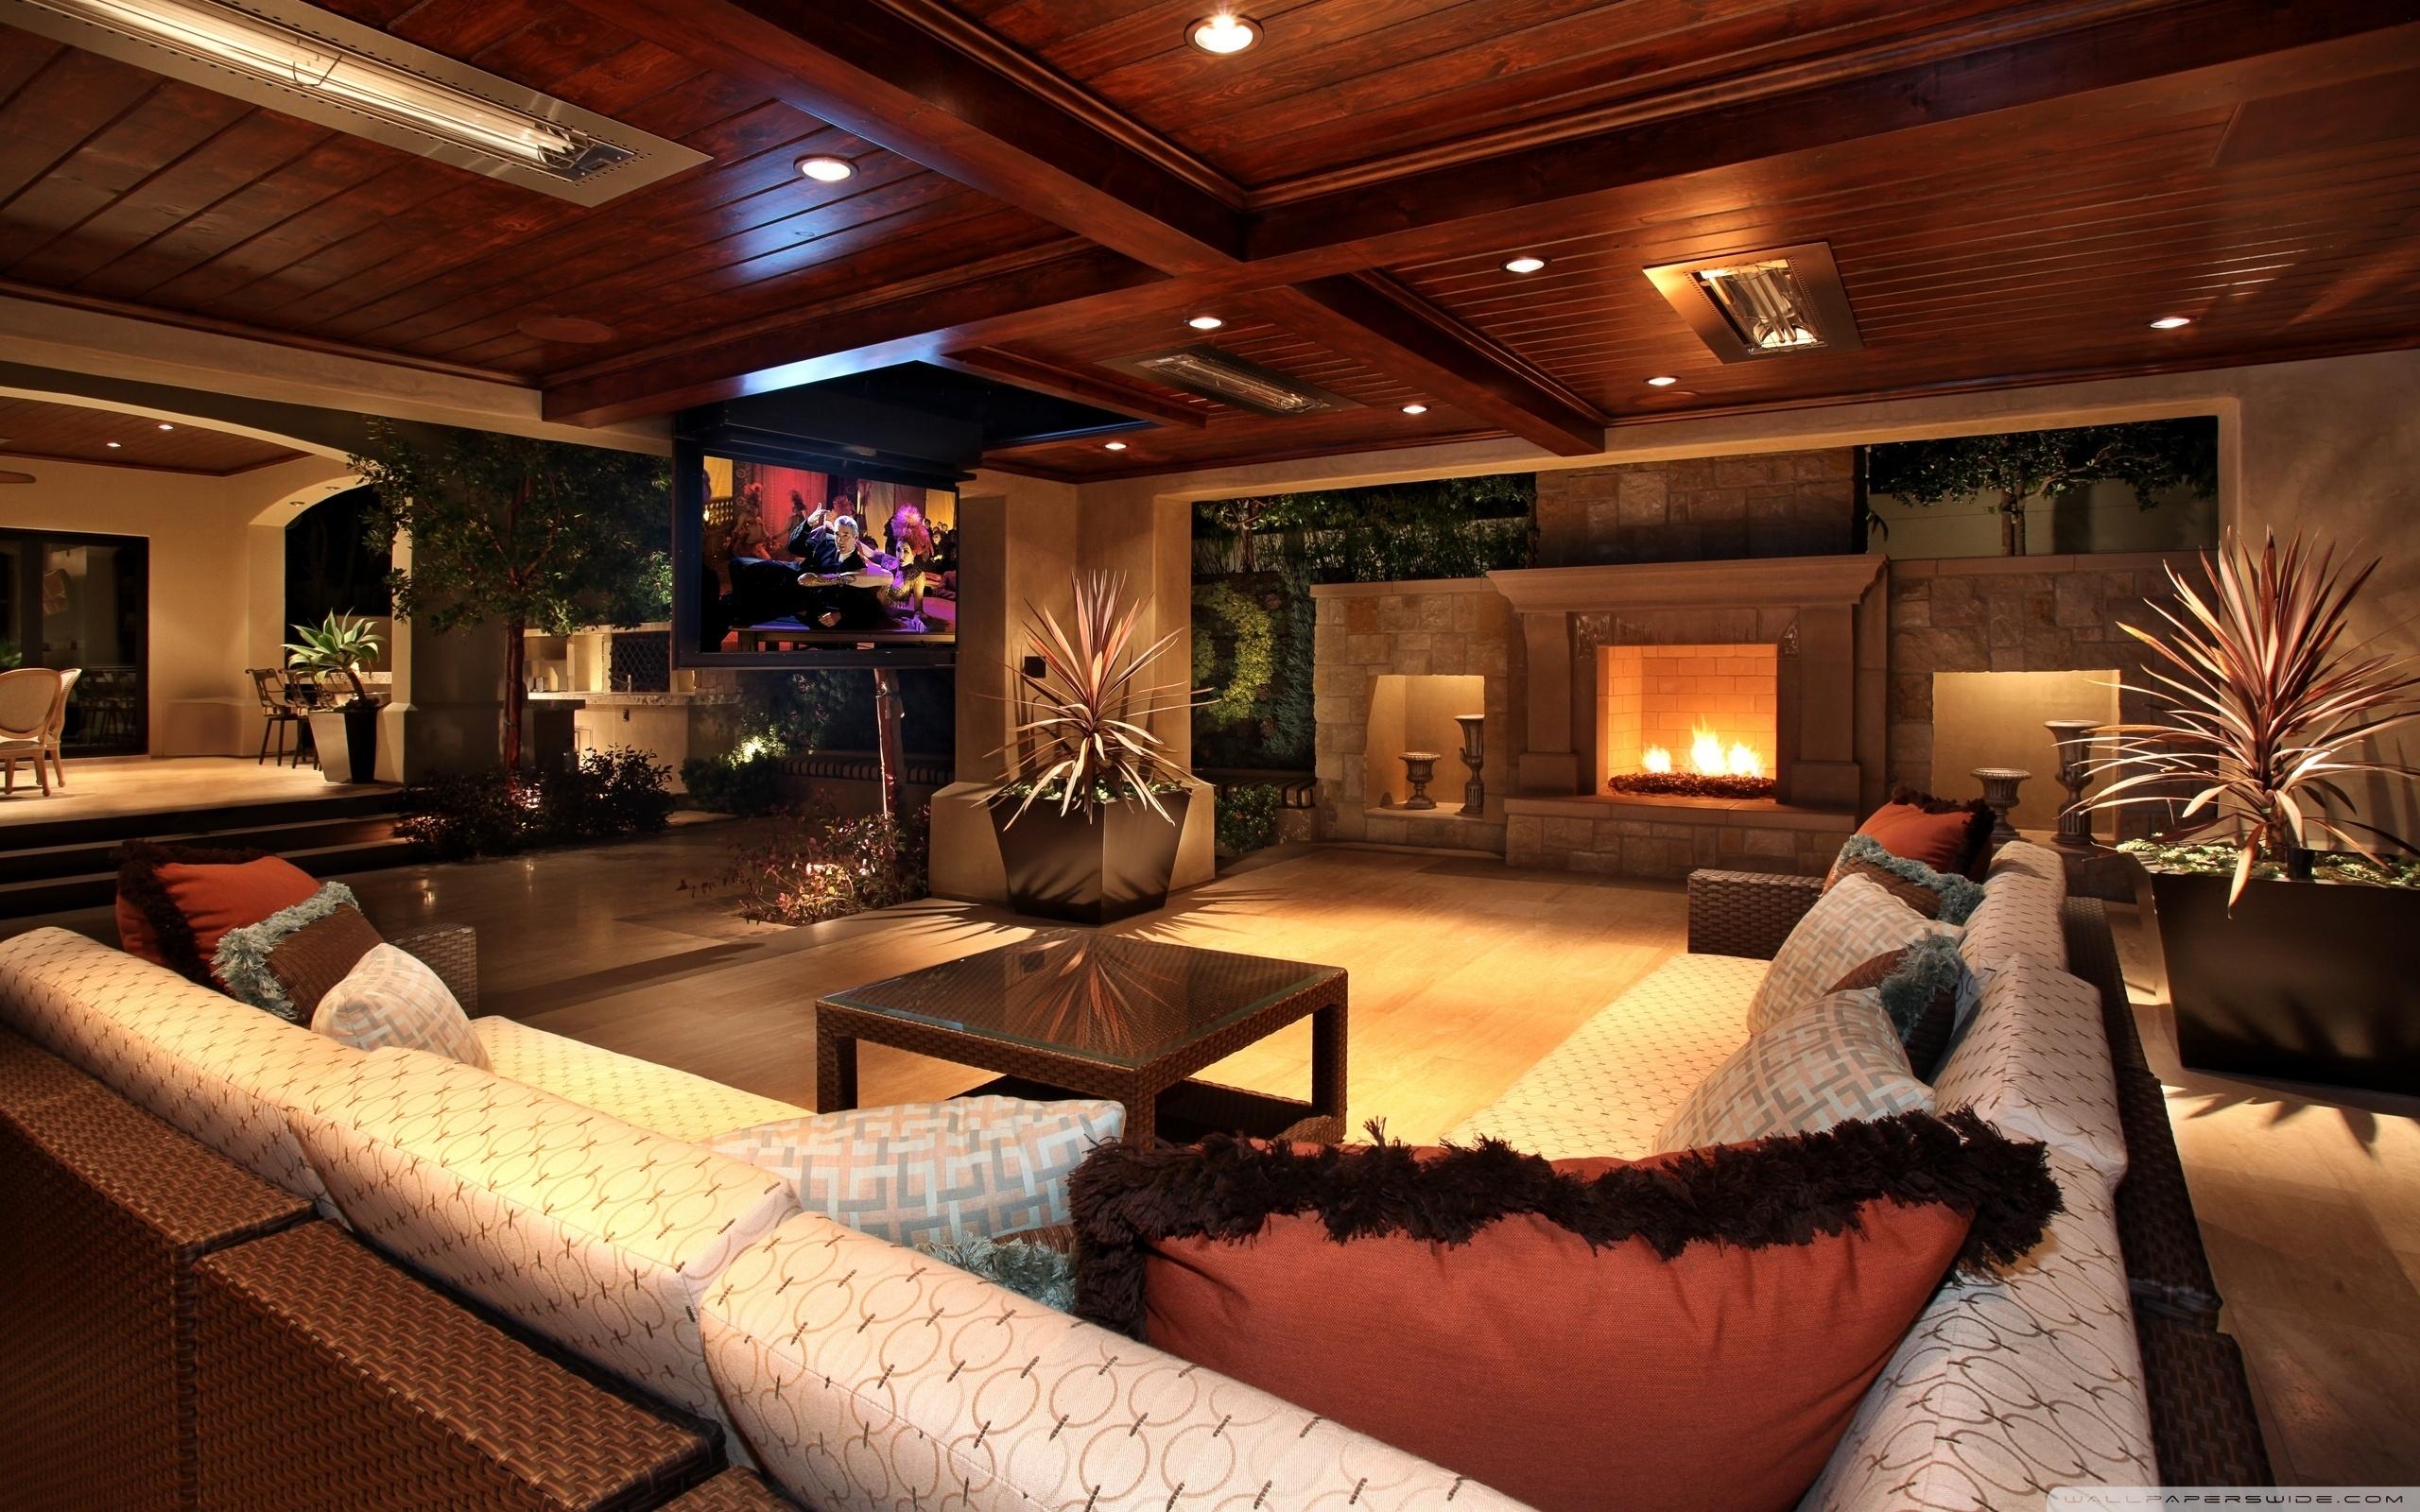 Luxury House Interior 4K HD Desktop Wallpaper for 4K Ultra HD 2560x1600